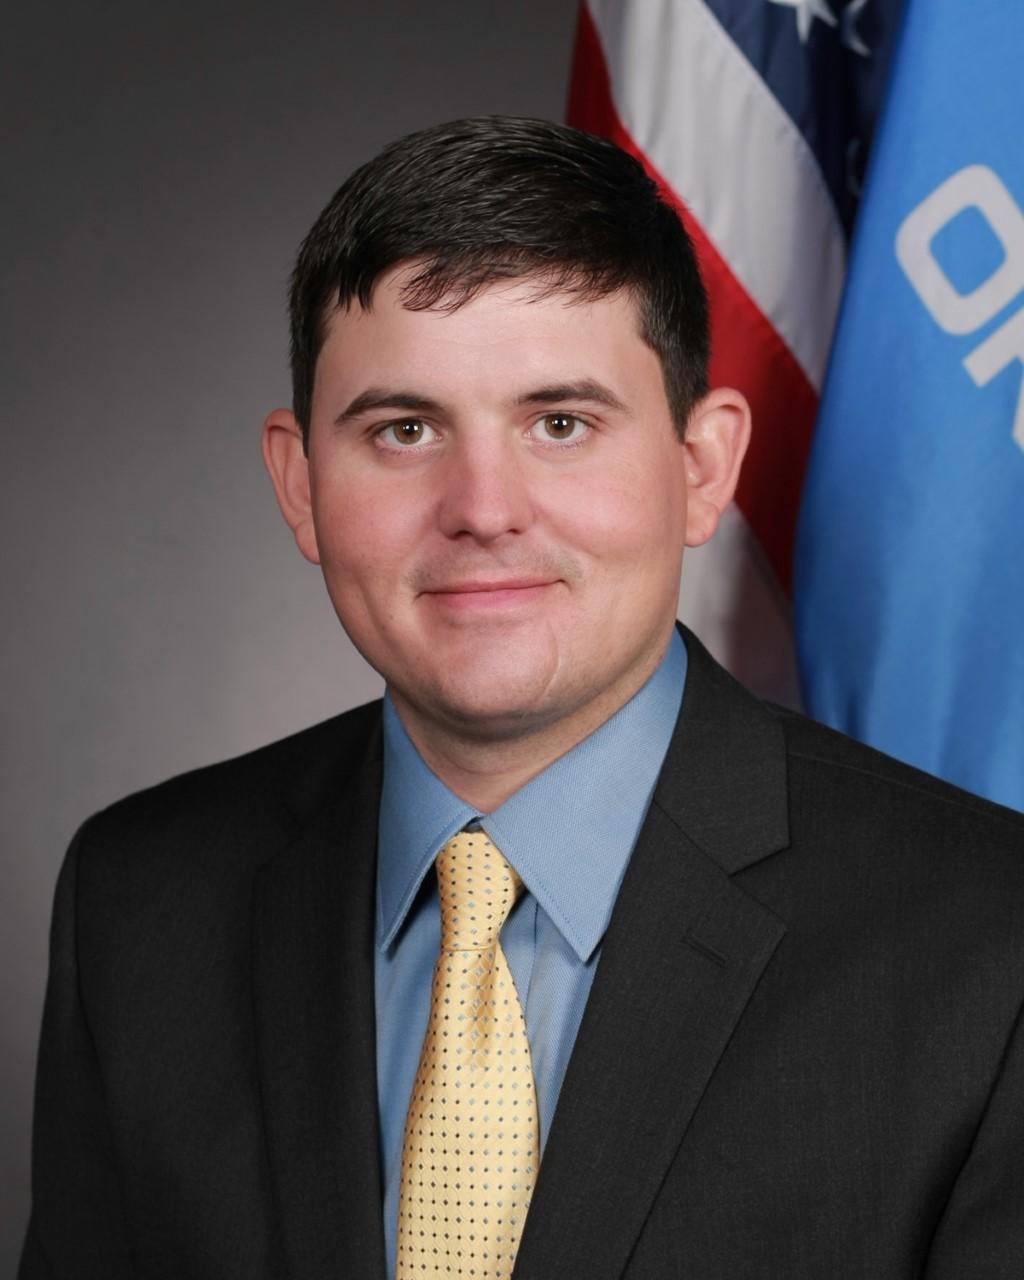 Pfeiffer aprueba la legislación de inmigración a través del Comité Judicial de la Cámara de Representantes